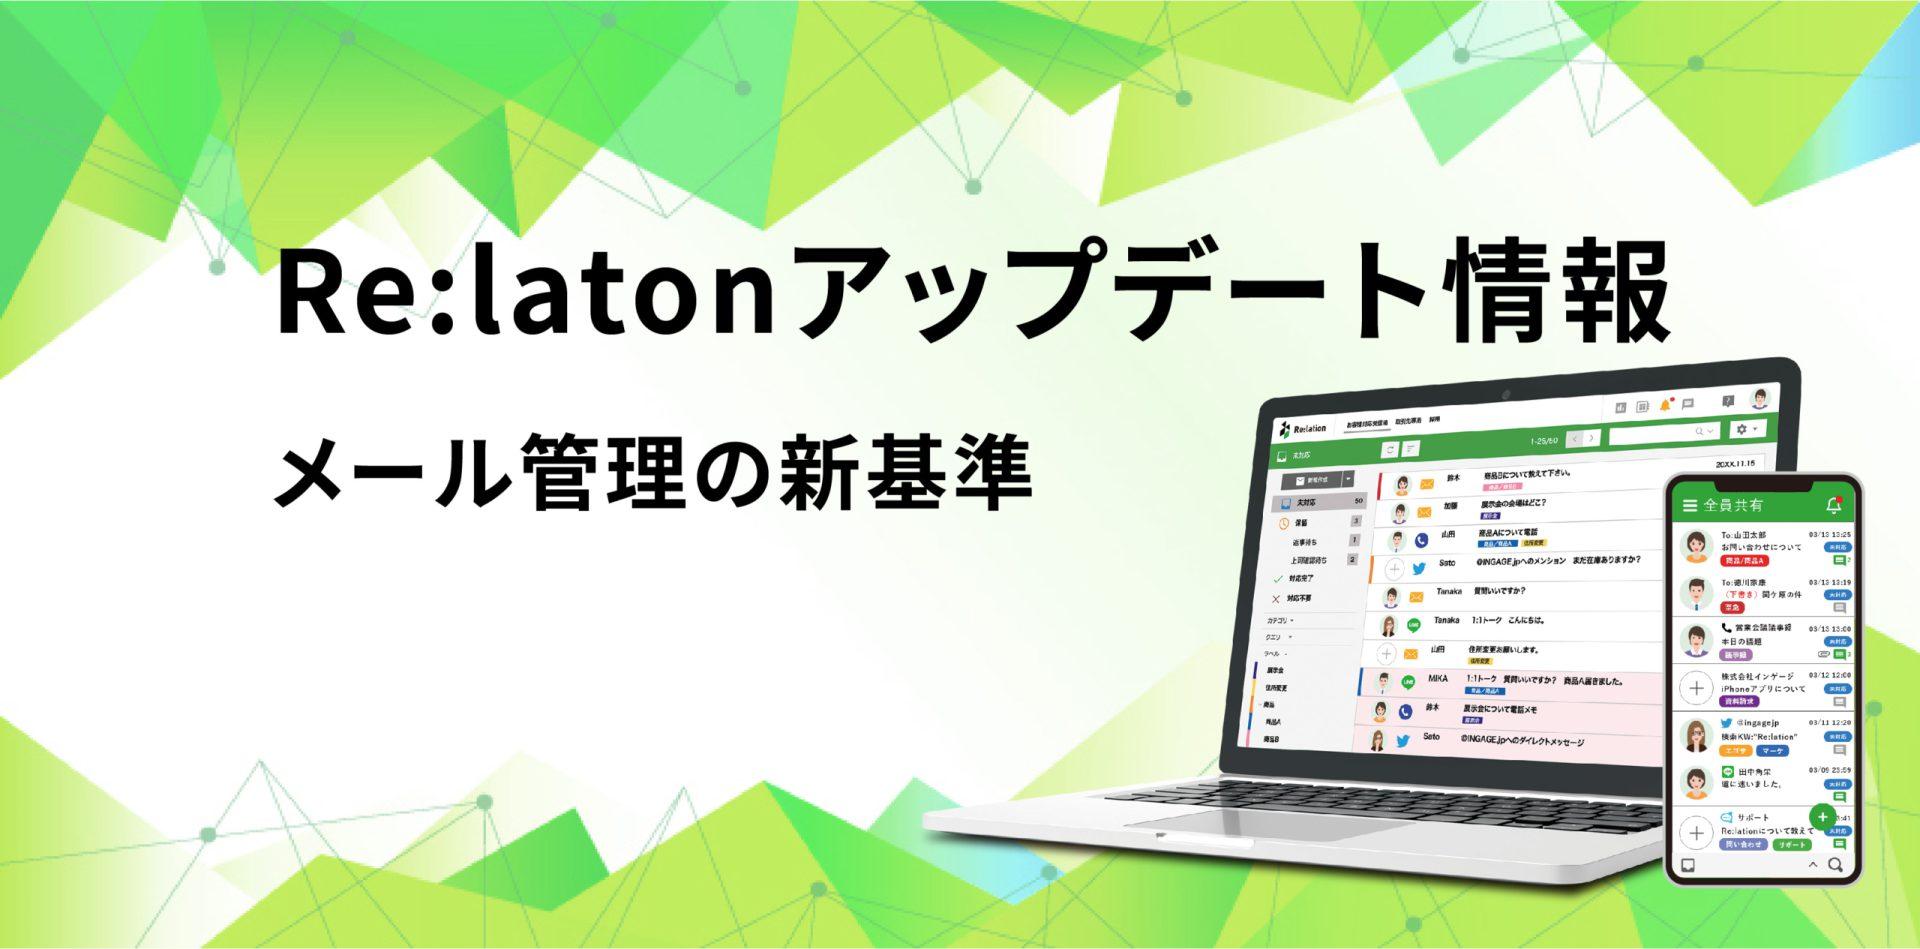 テレワーク時代のメール管理「Re:lation(リレーション)」11.19アップデート